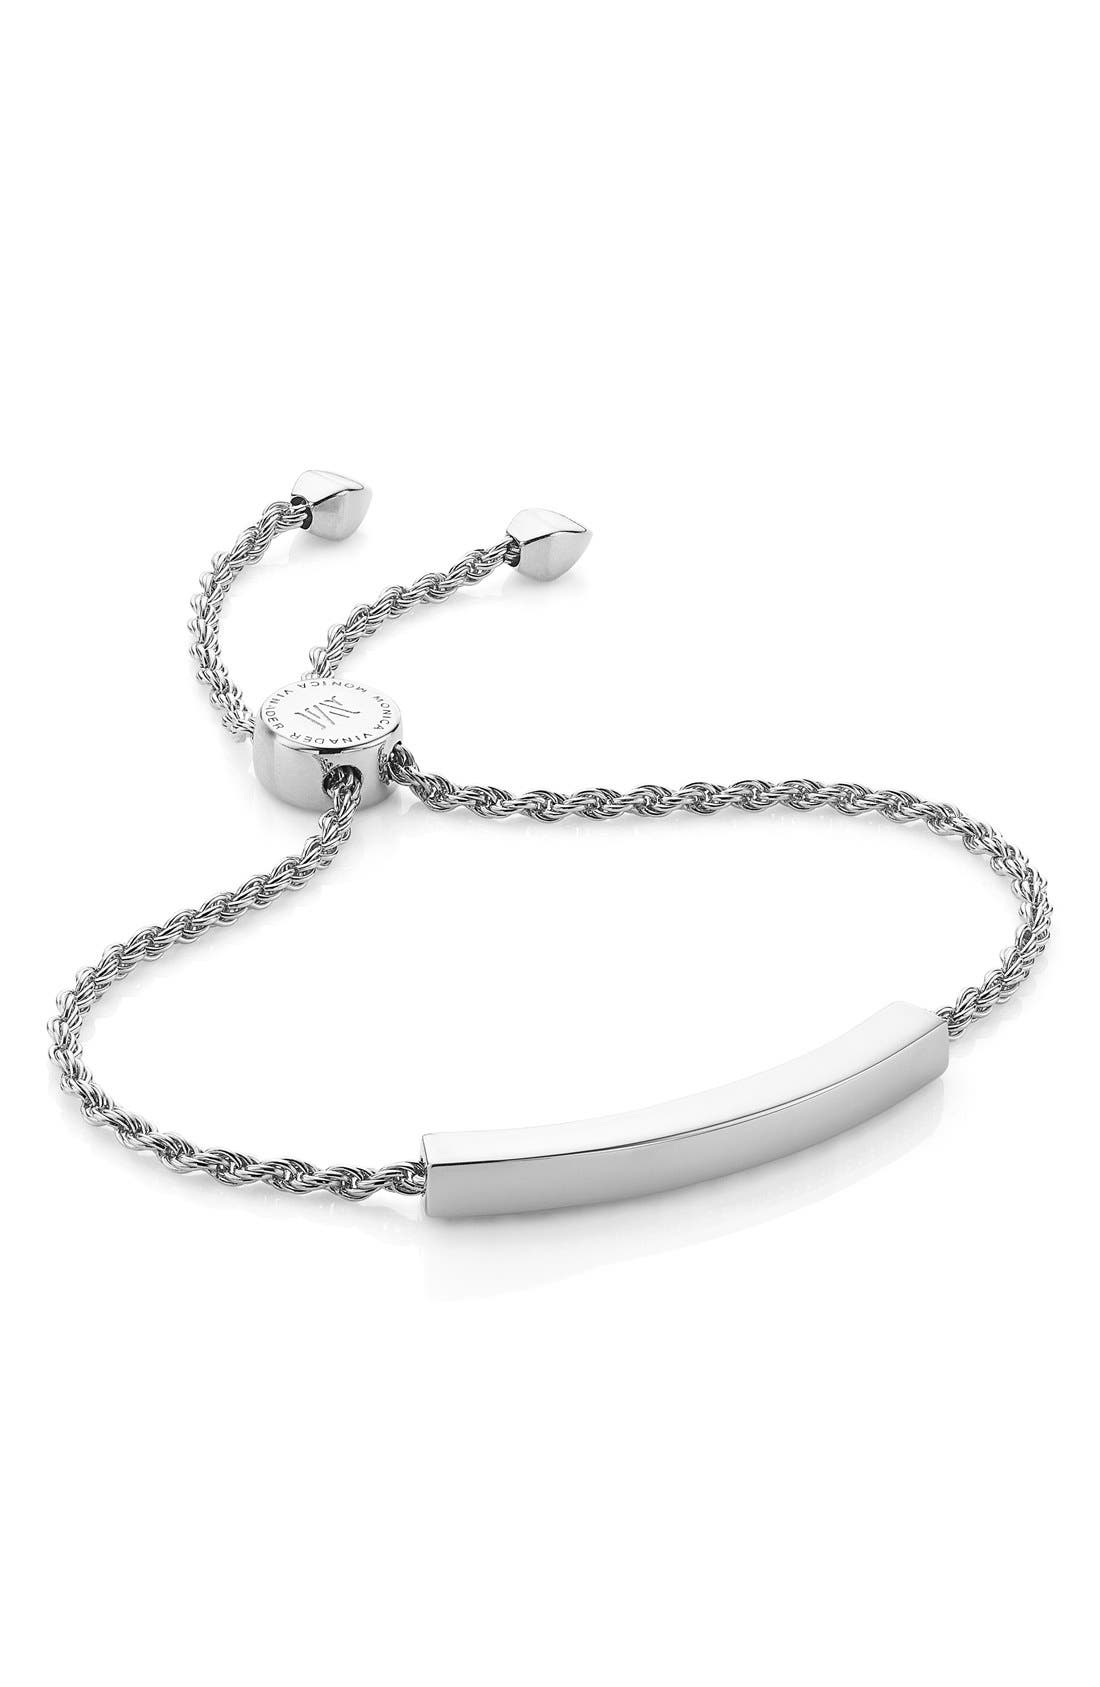 MONICA VINADER Engravable Linear Friendship Chain Bracelet, Main, color, SILVER